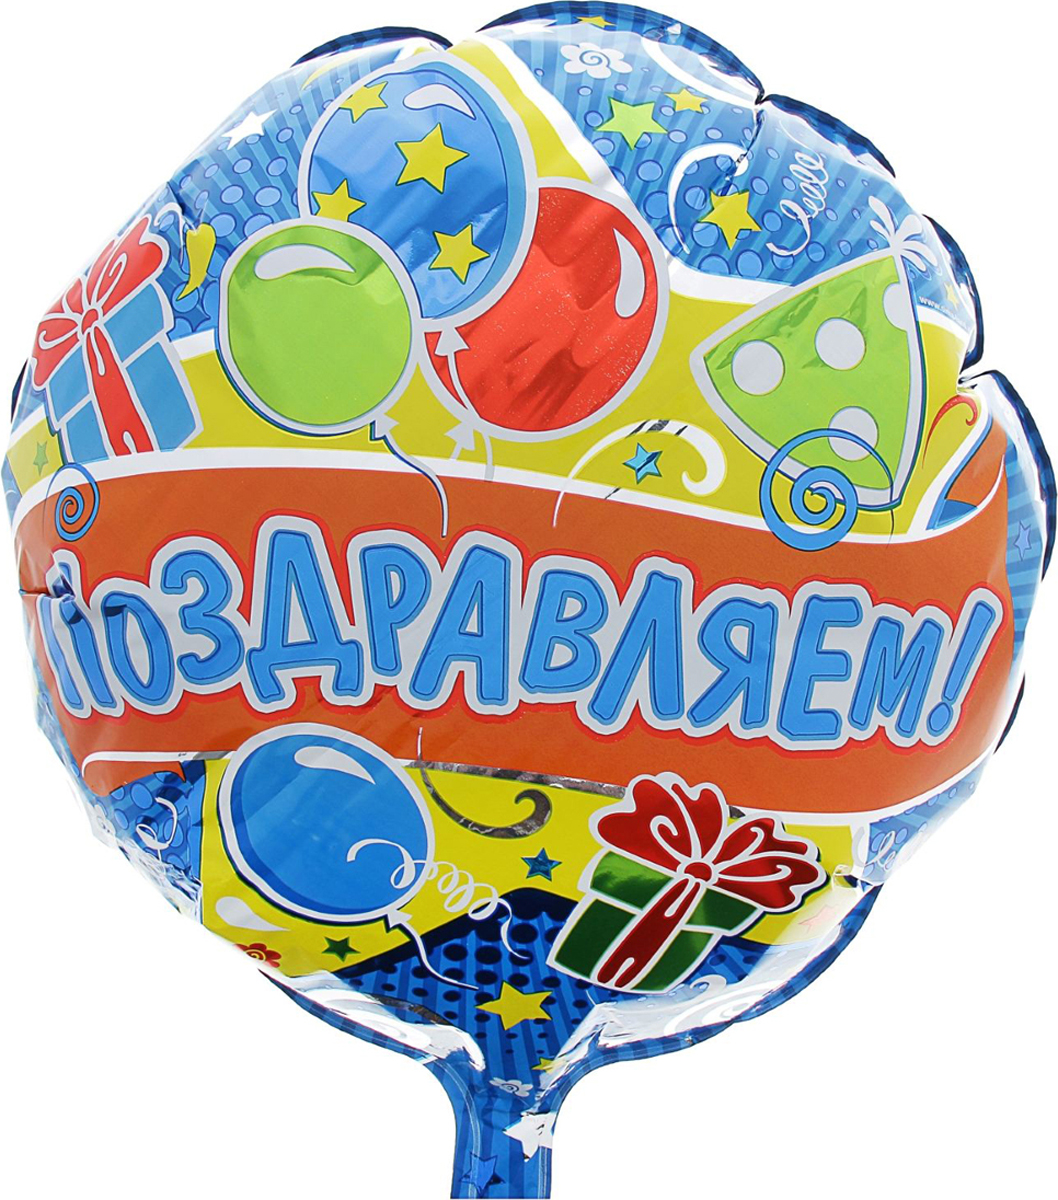 Поздравления в шары